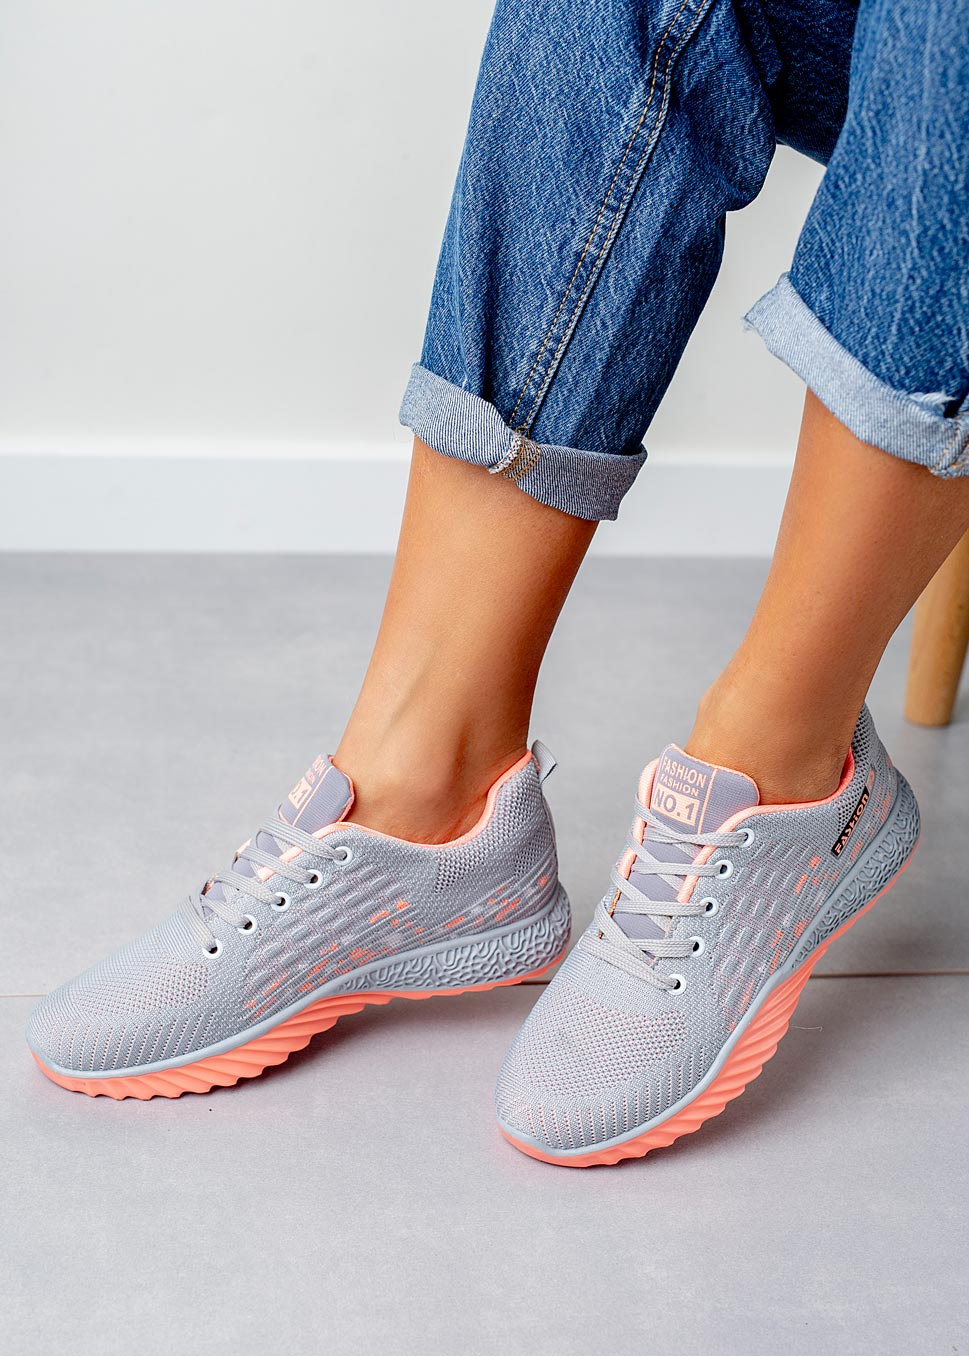 Szare buty sportowe sznurowane Casu 3088 szary